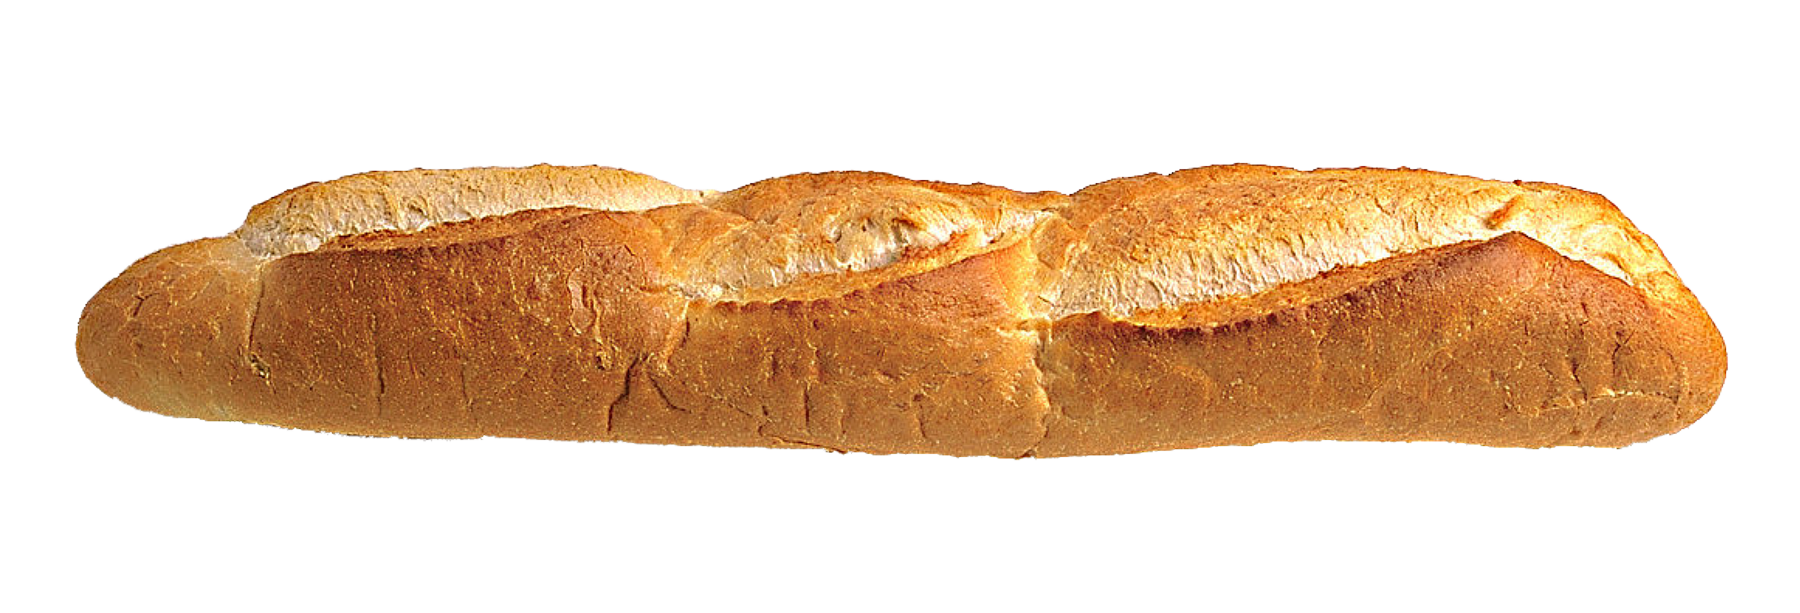 Long Loaf Bread PNG Transparent Image.